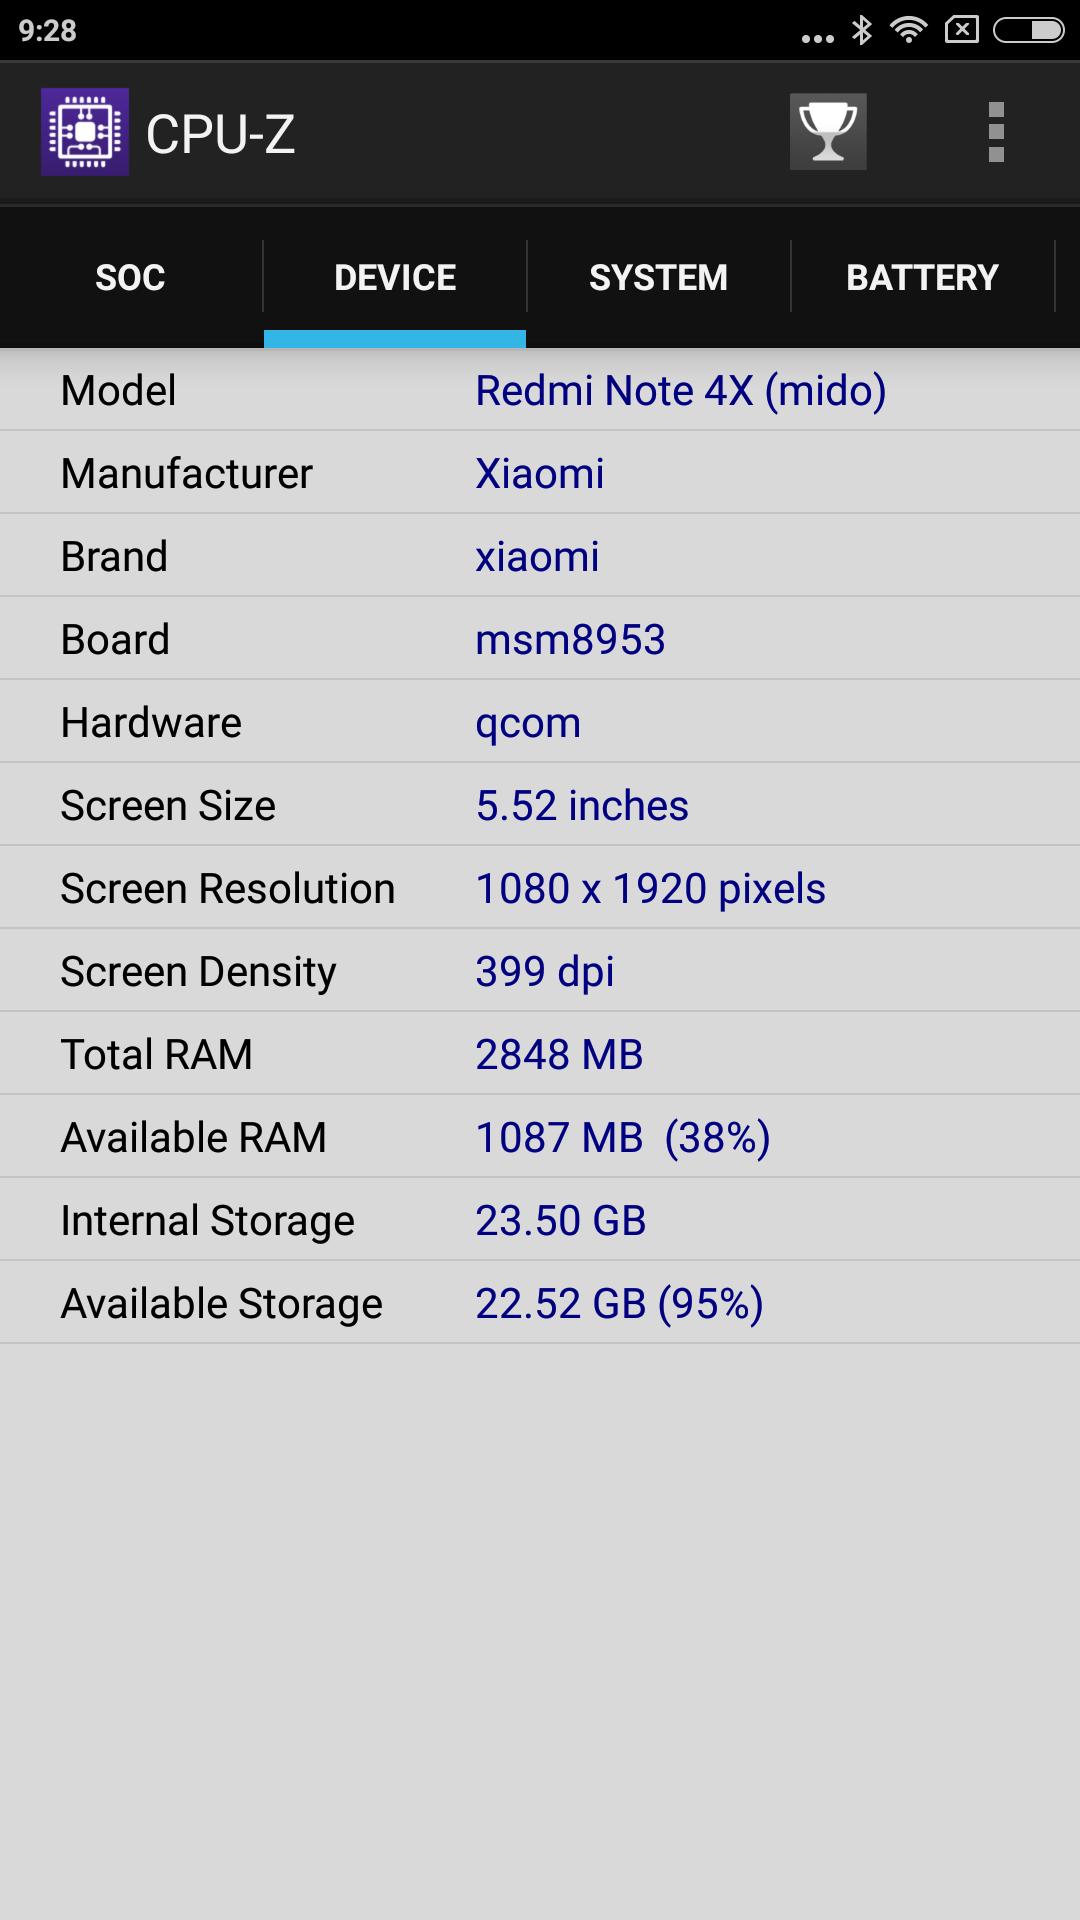 Xiaomi Redmi Note 4X CPU-Z Device